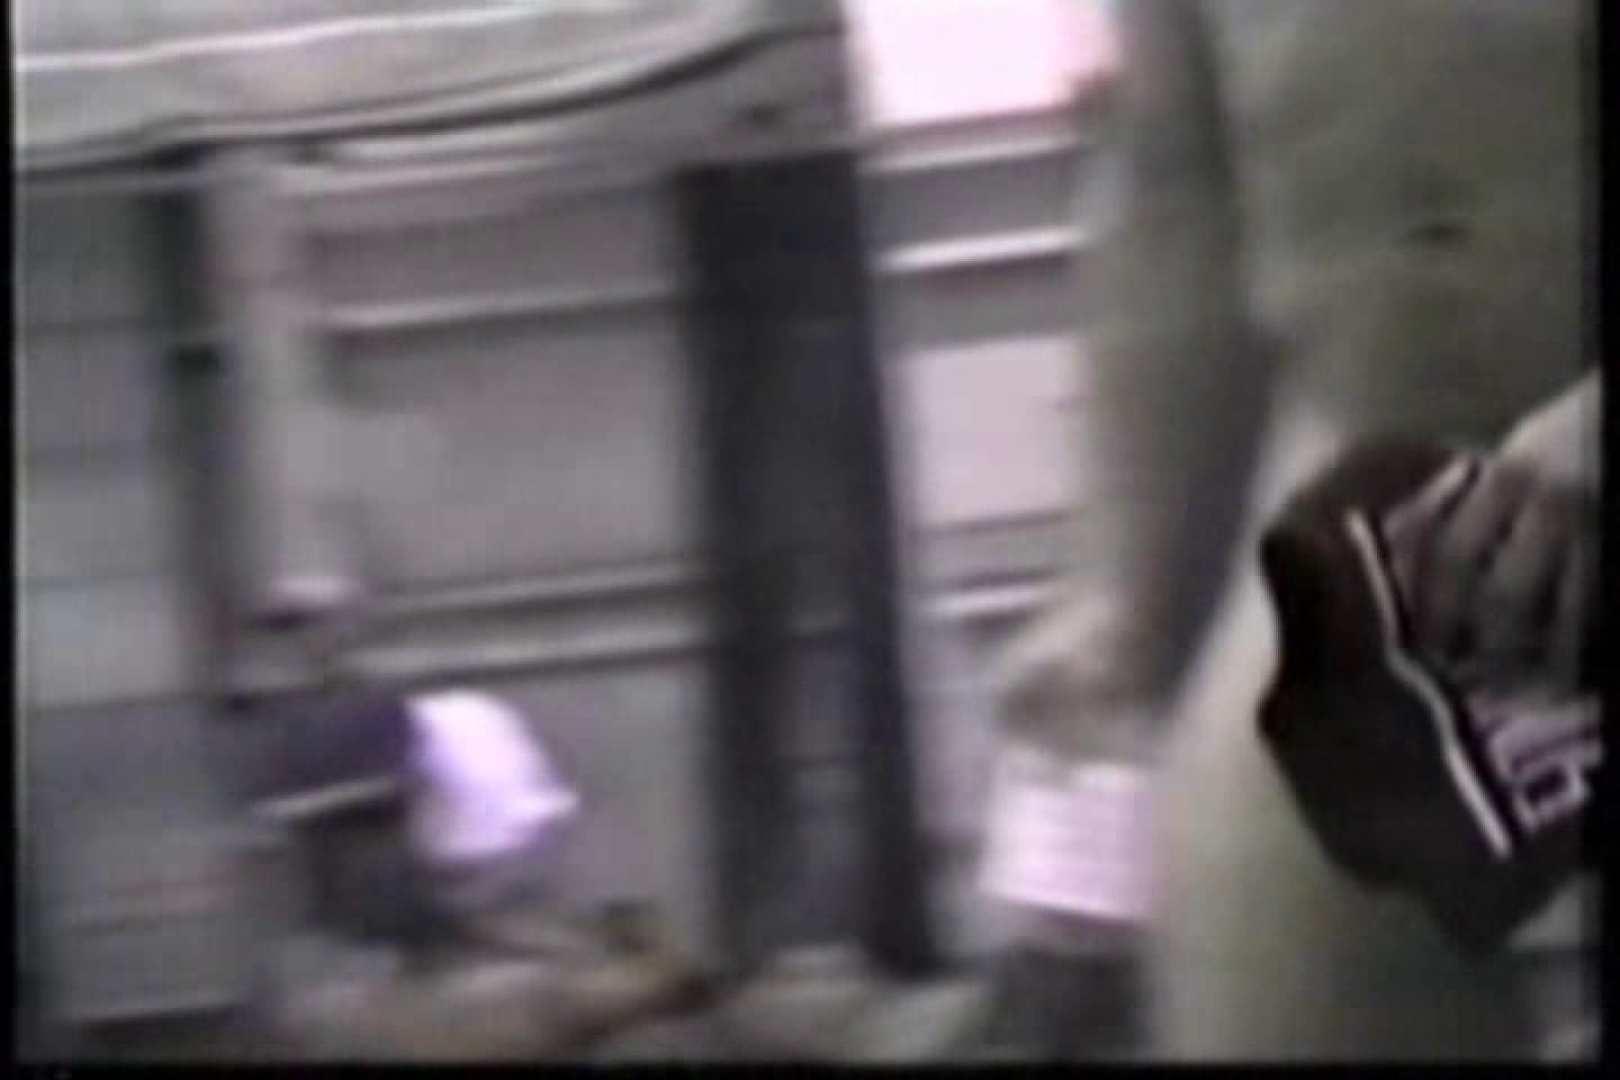 洋人さんの脱衣所を覗いてみました。VOL.6 肉にく男子 ゲイエロ動画 102枚 77